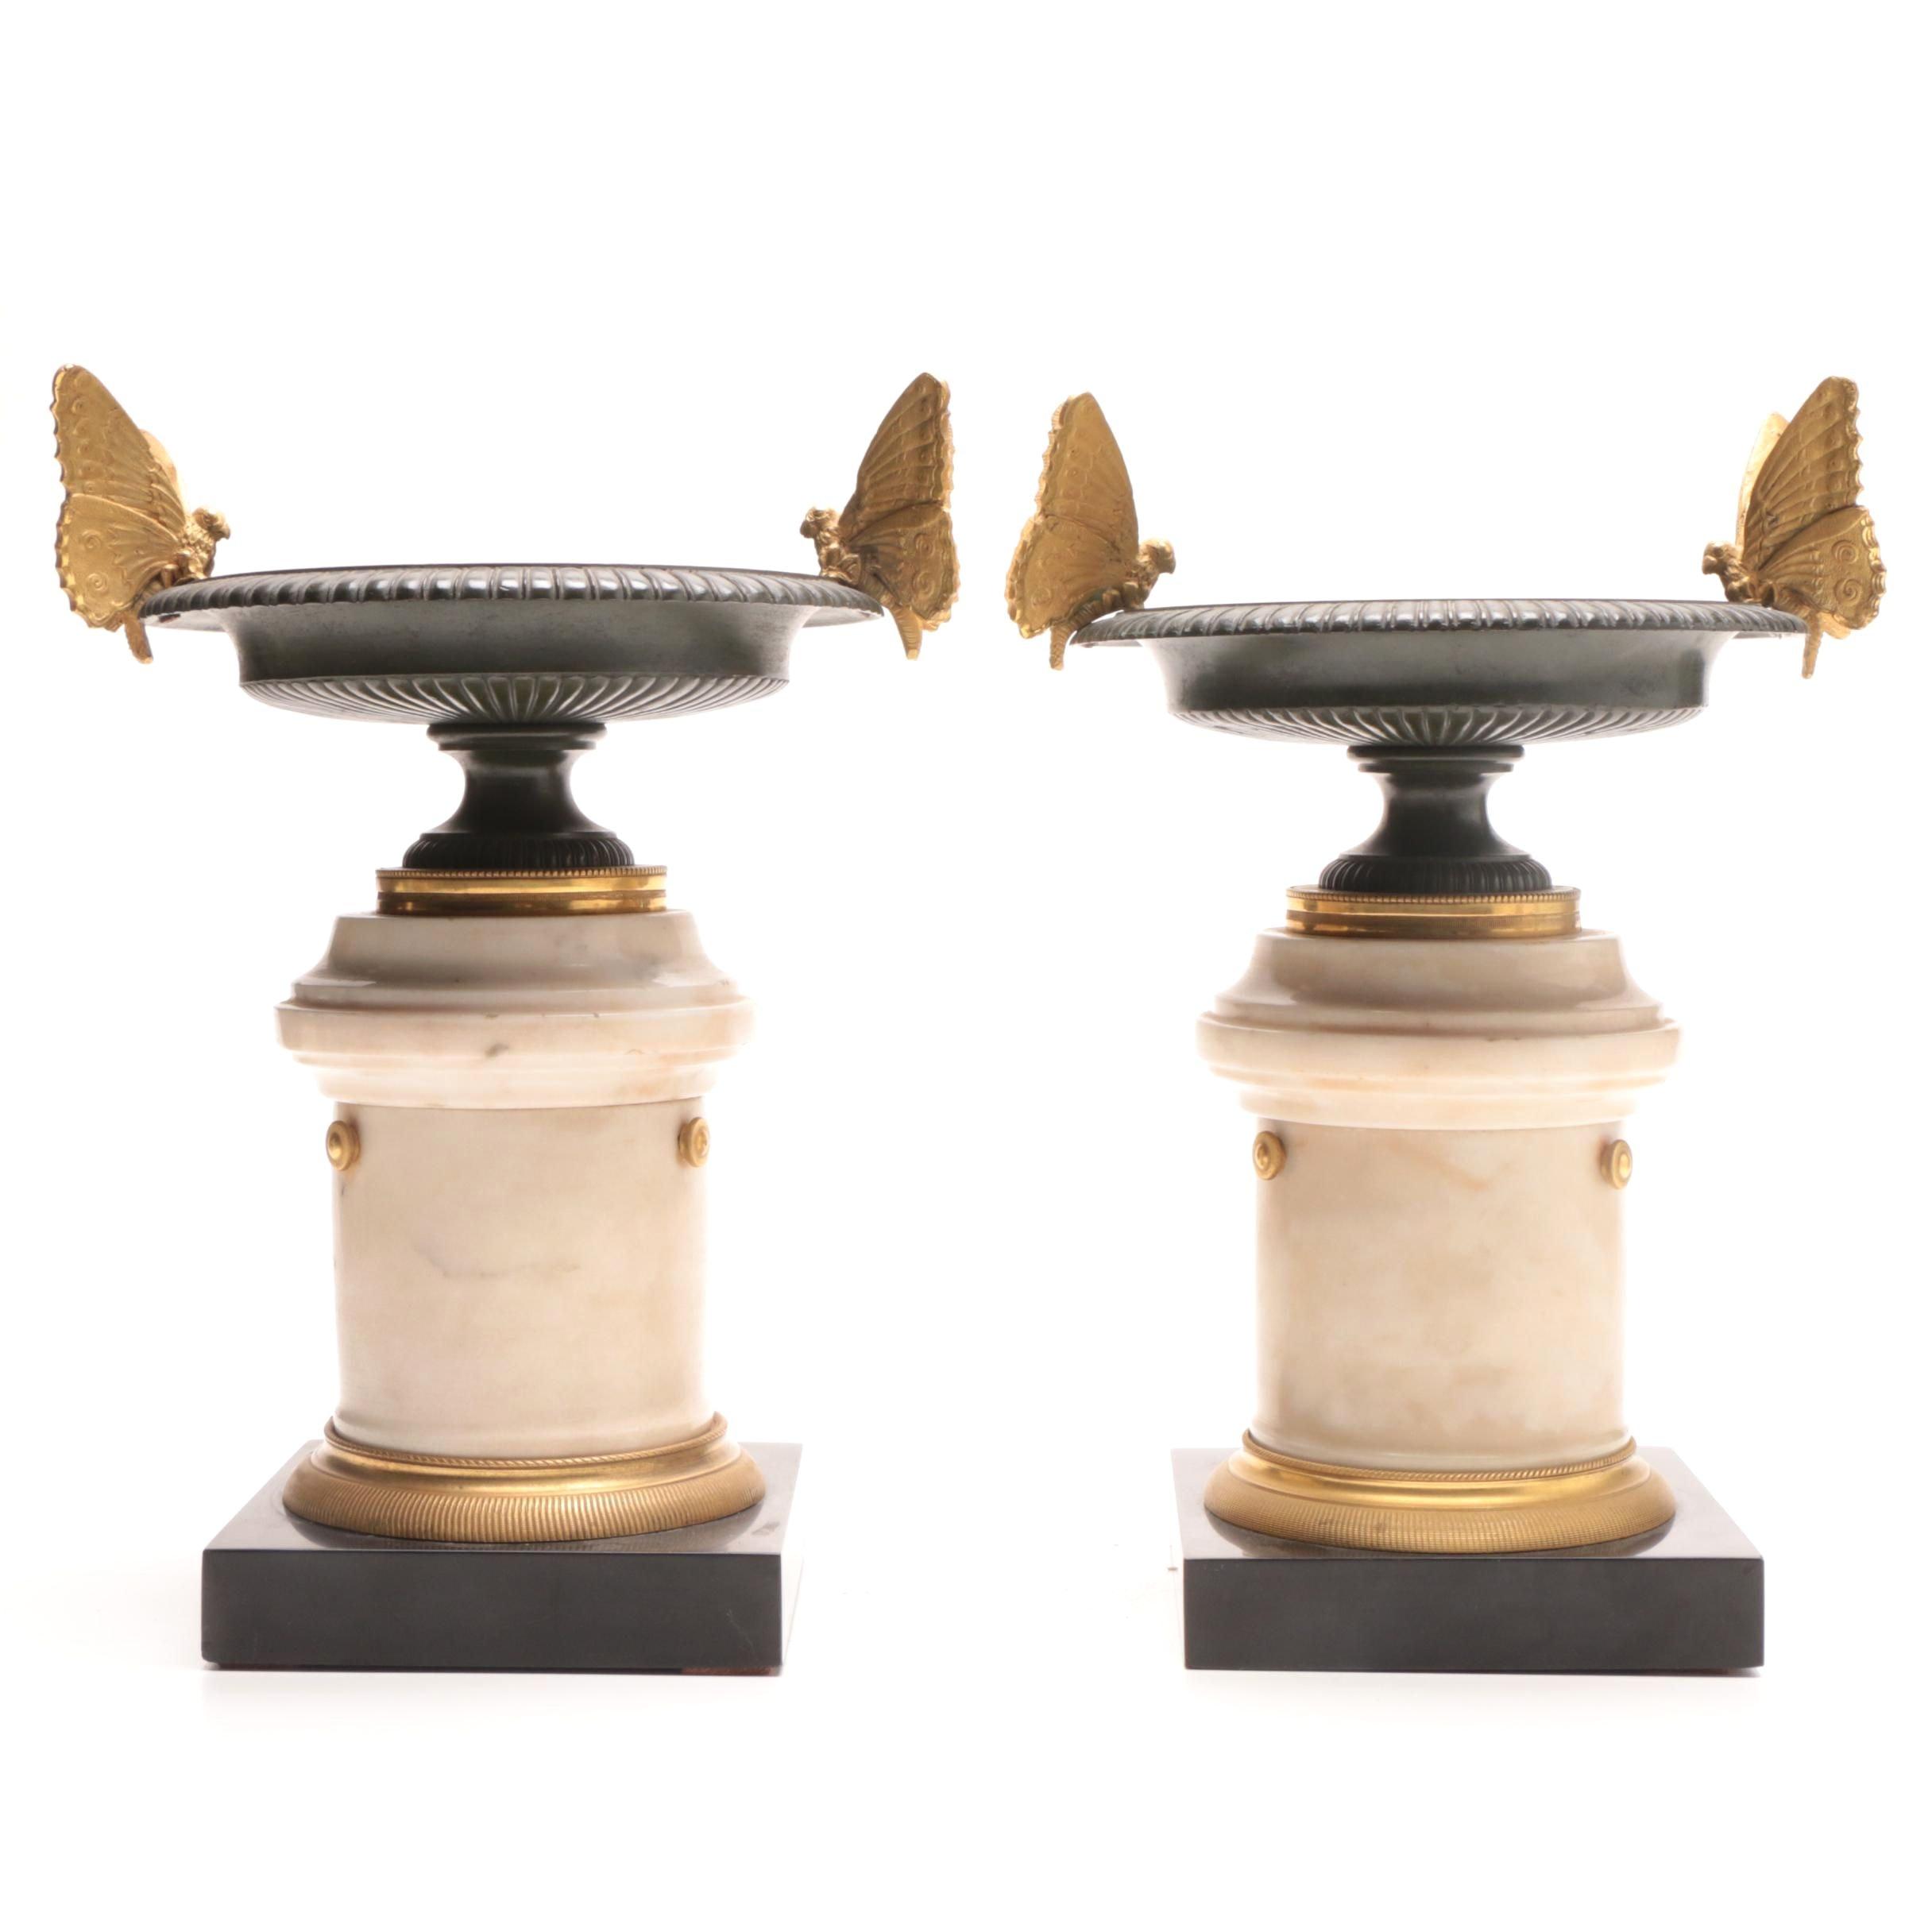 Napoleon III Bronze and Marble Garniture Tazzas